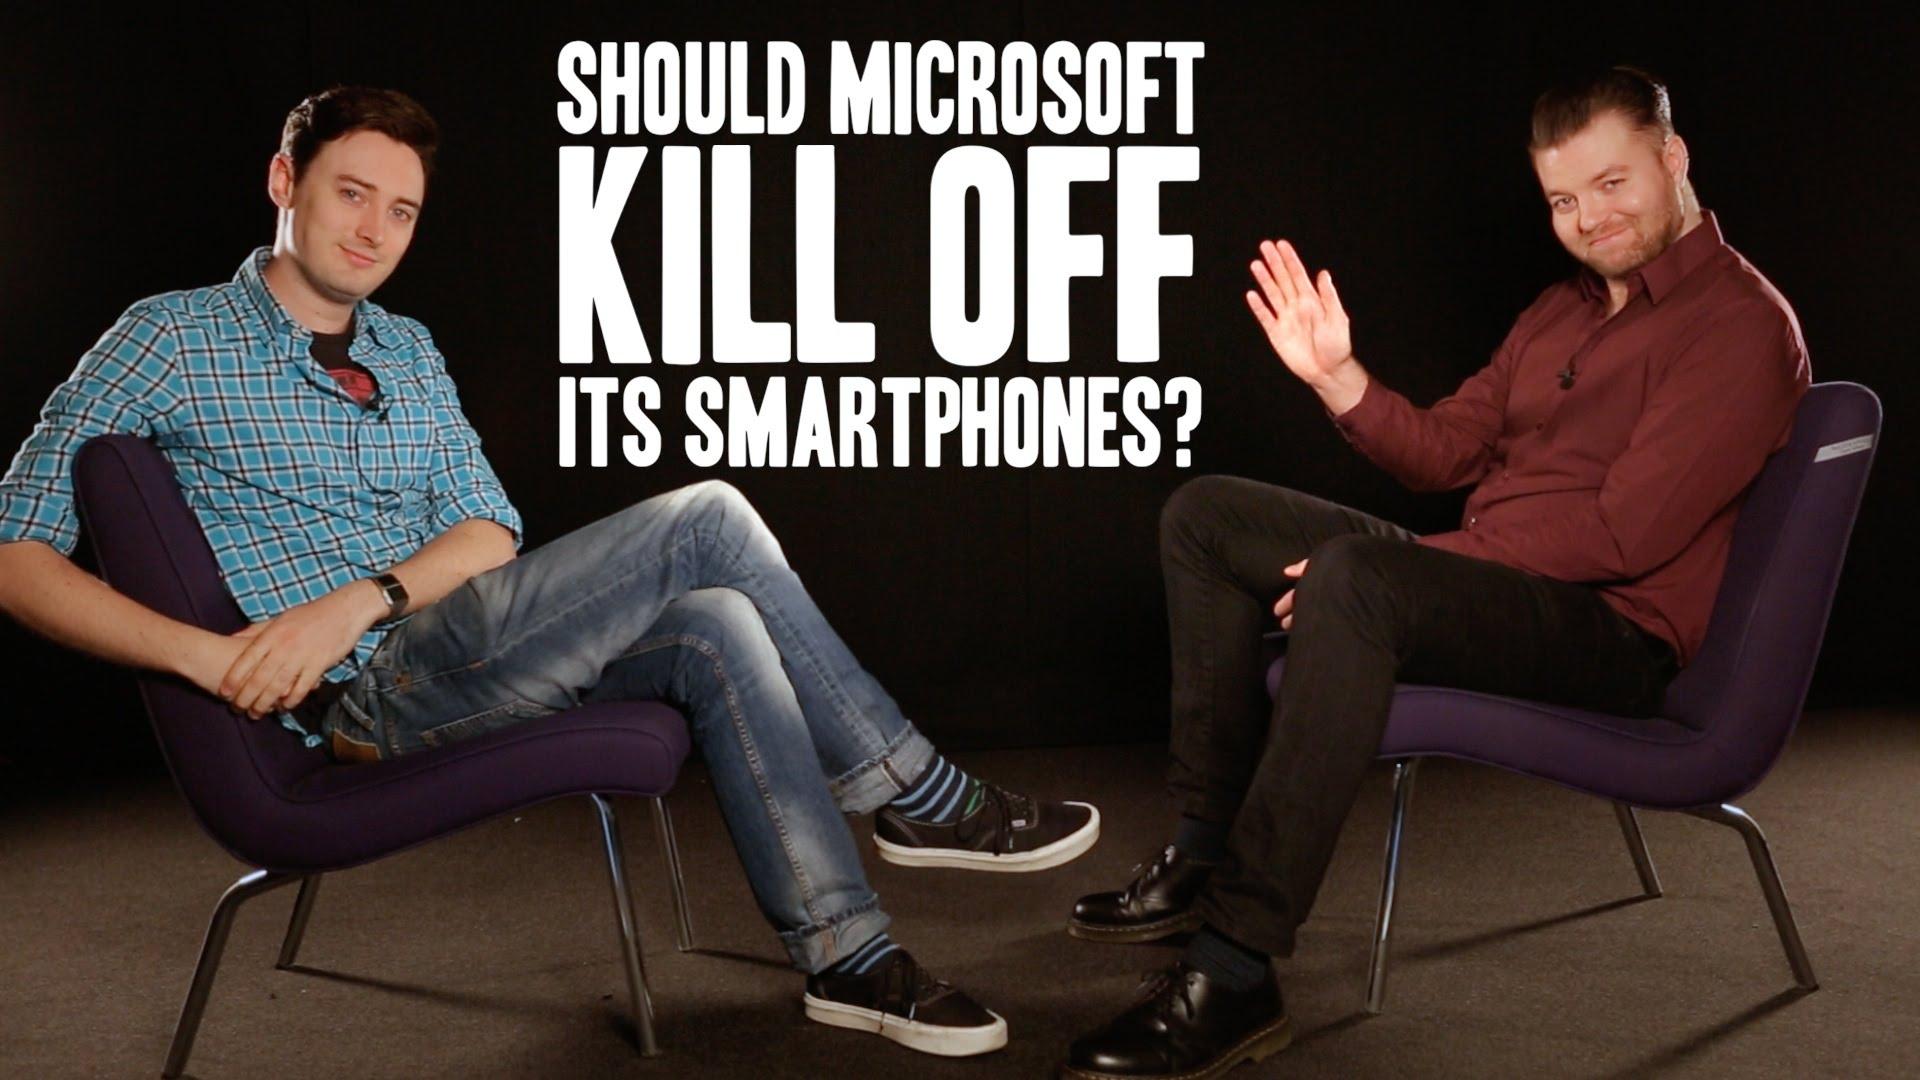 Should Microsoft kill off its smartphones?